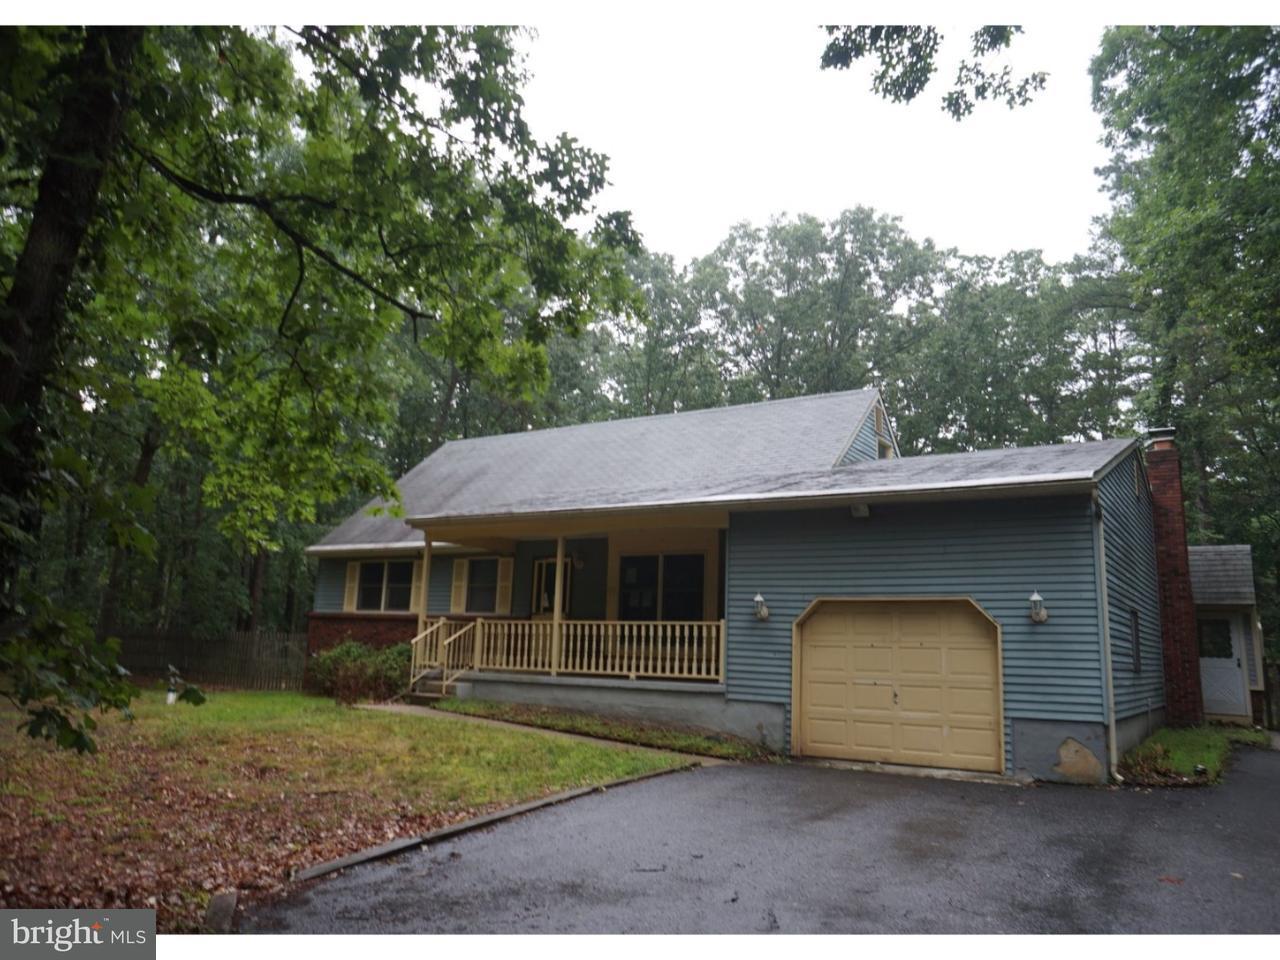 独户住宅 为 销售 在 454 PRICKETTS MILL Road Tabernacle Twp, 新泽西州 08088 美国